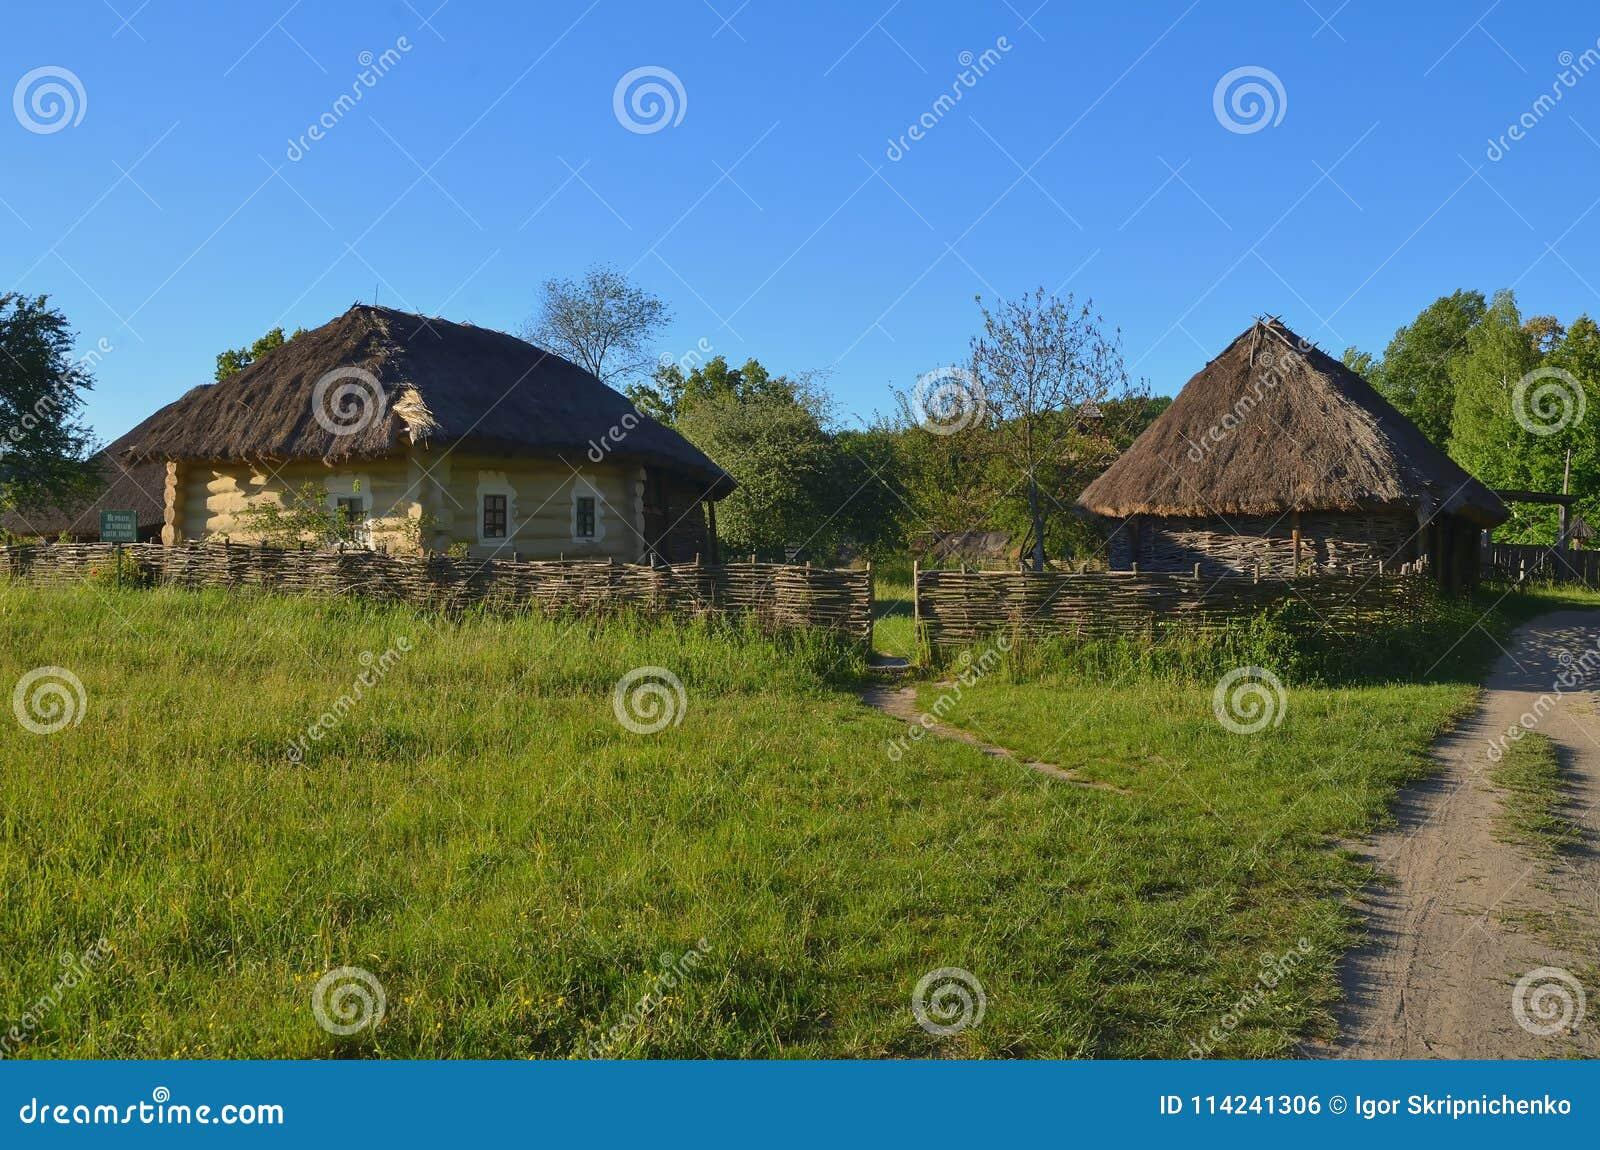 Case Piccole In Legno : Piccole case di legno operate con i tetti bloccati fotografia